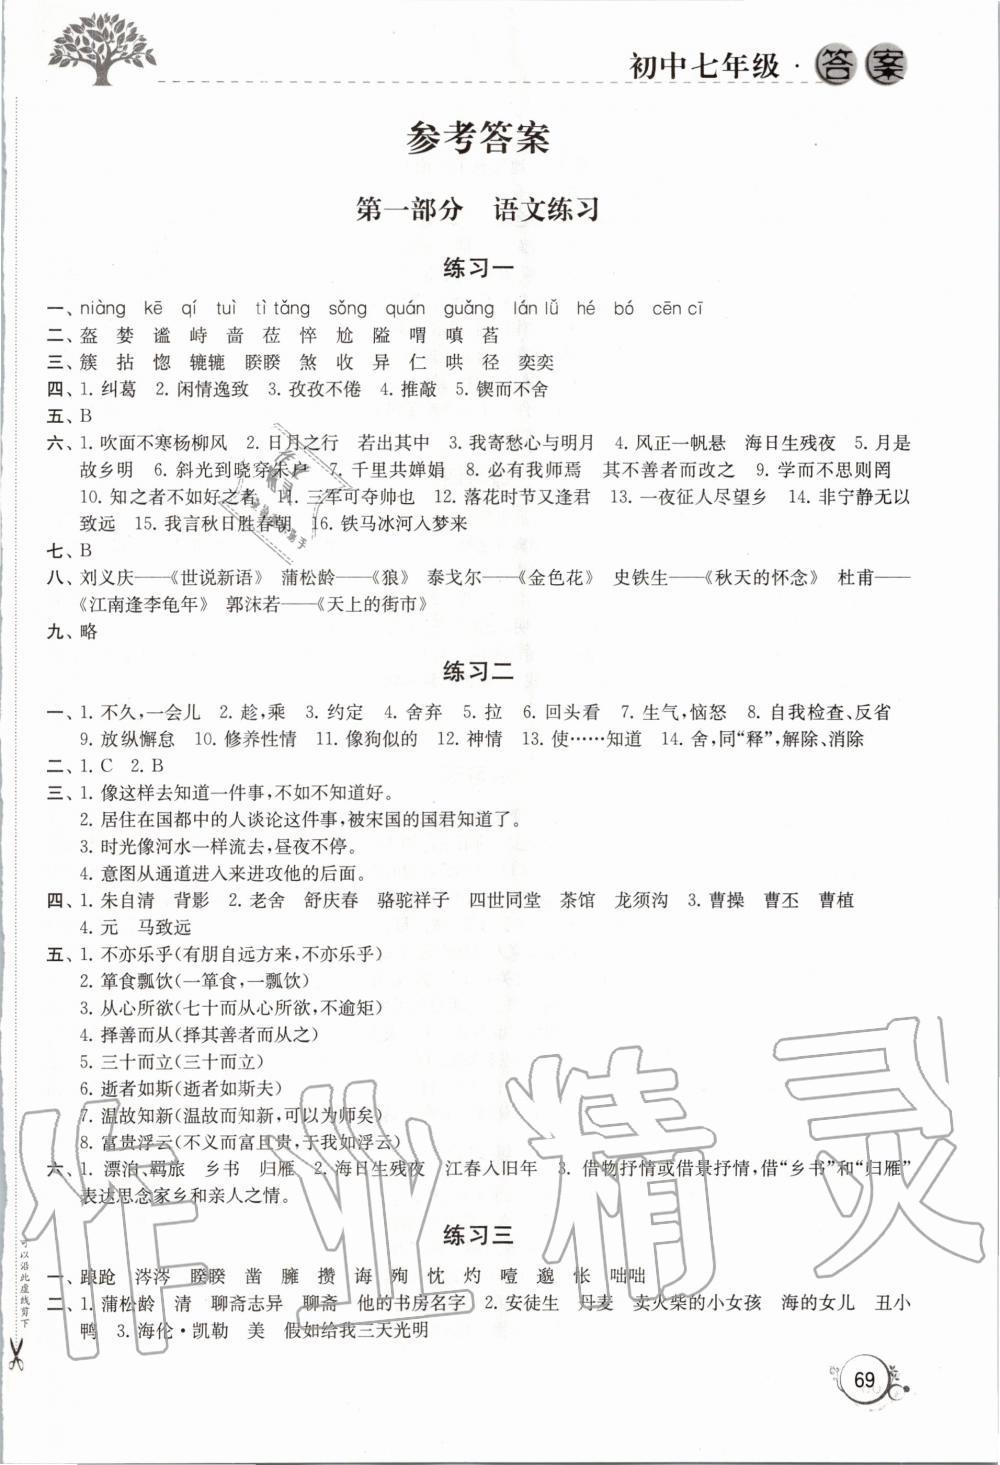 2020年寒假学习生活初中七年级译林版译林出版社第1页